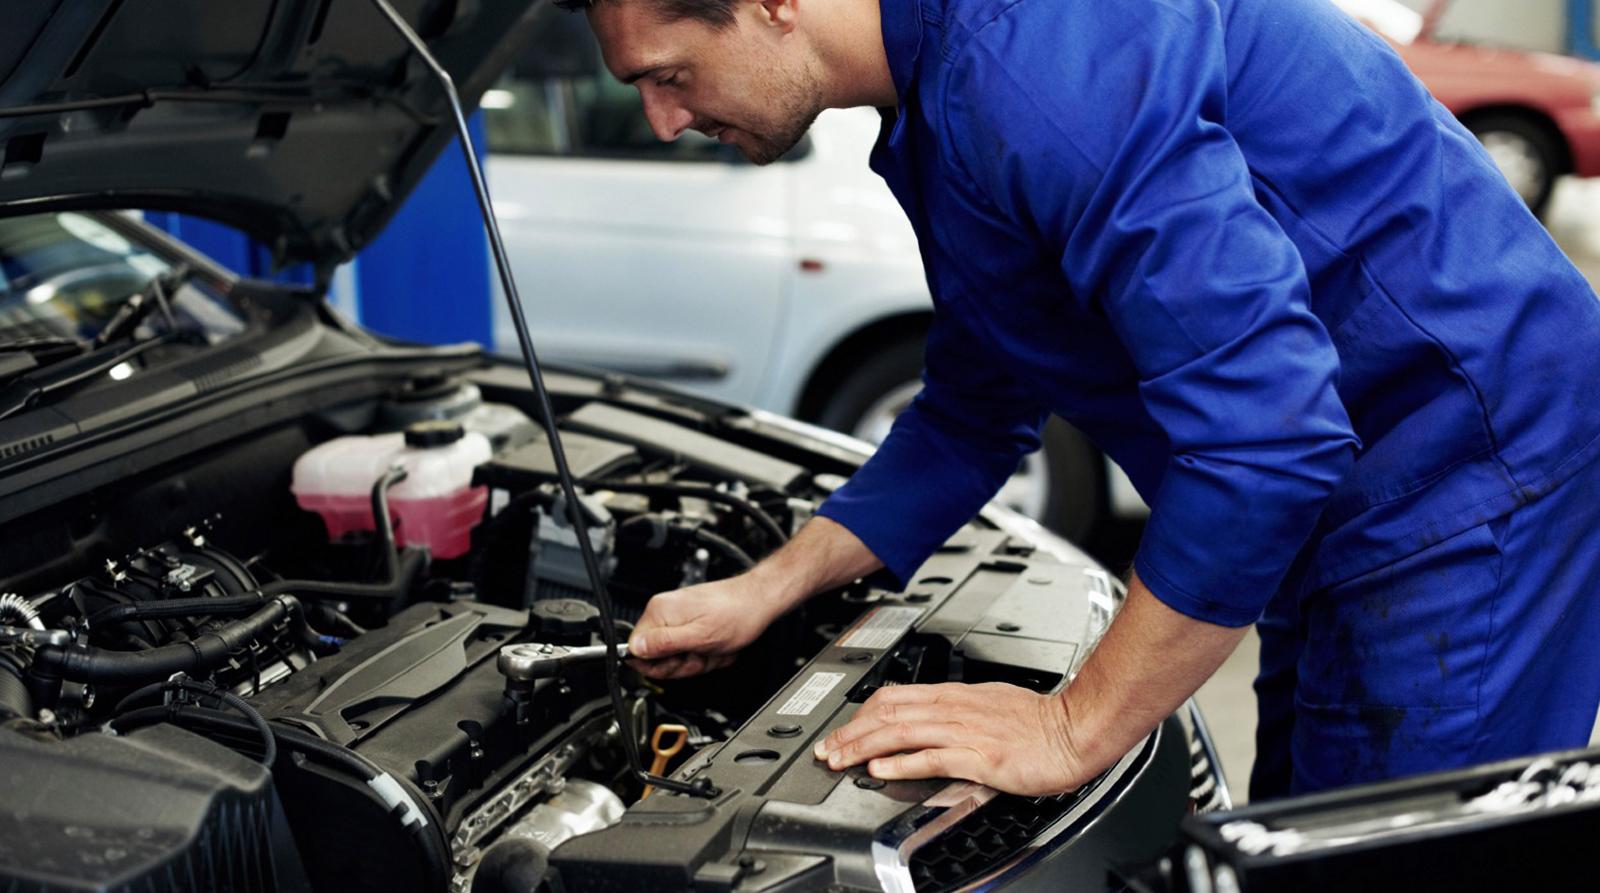 curso-gratuito-de-mecanica-automotiva-do-senai